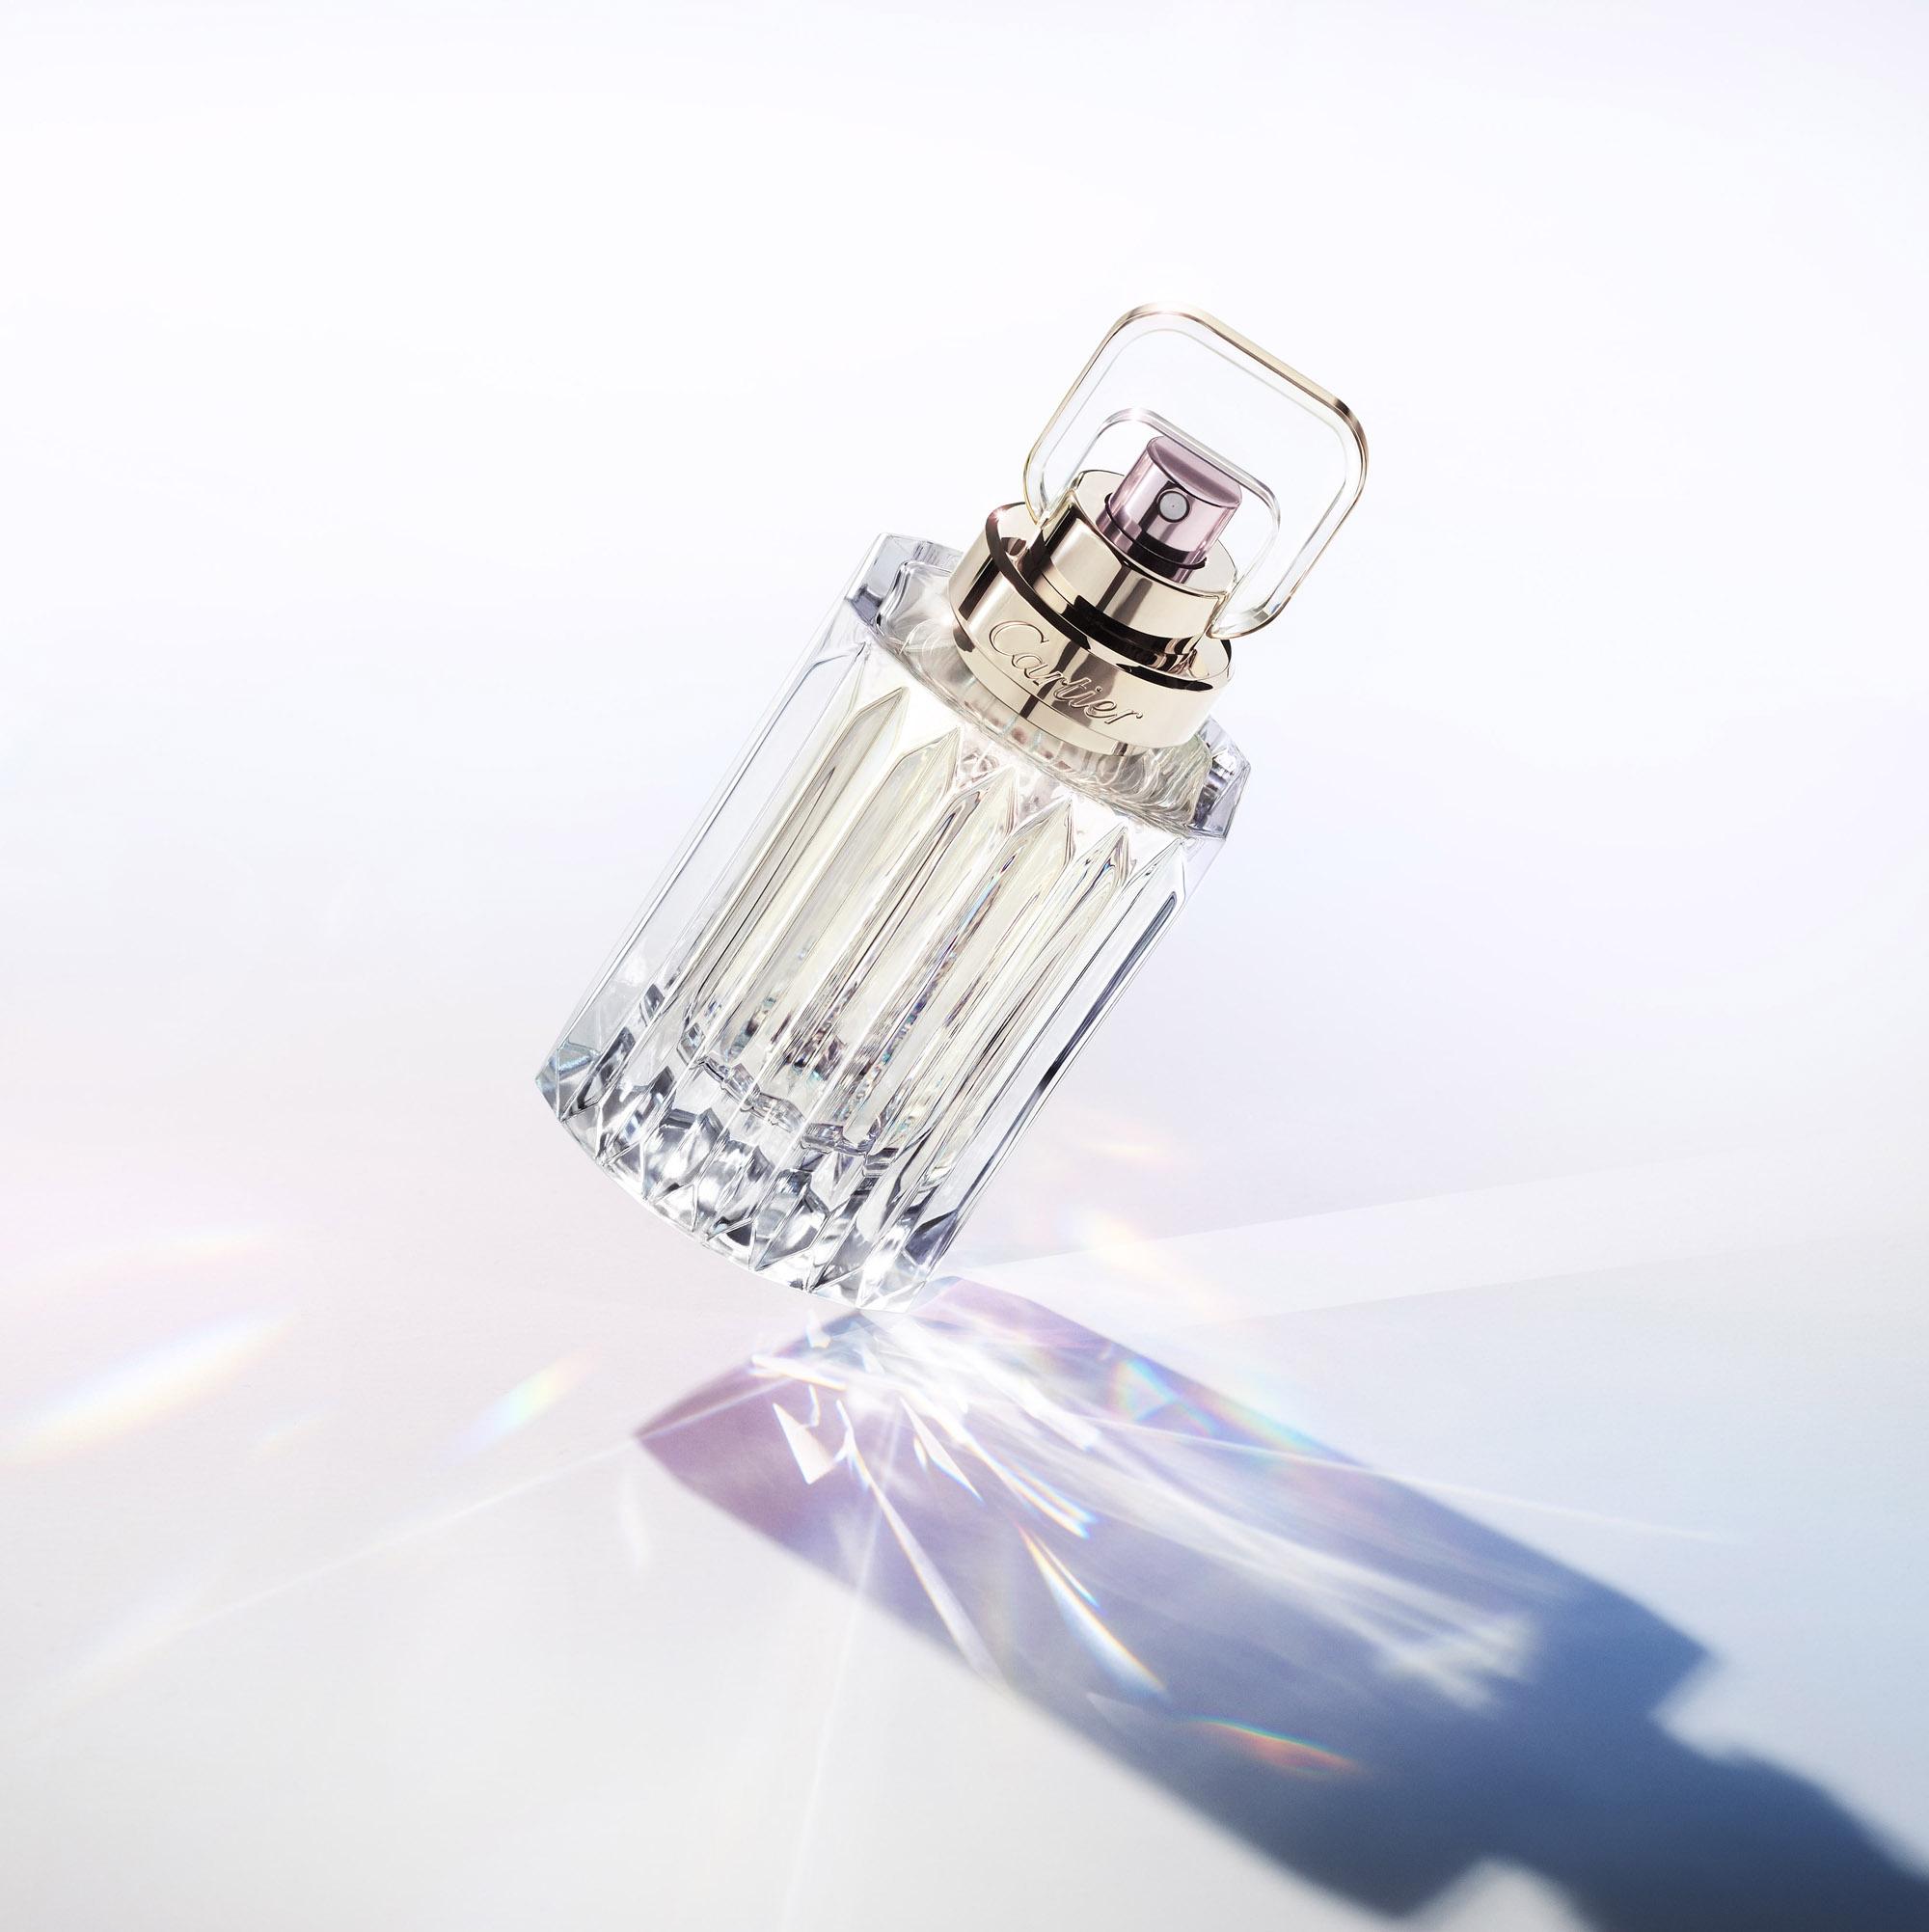 Femme Pour Cartier Nouveau Parfum 2018 Un Carat 0n8novwymp tQrshdCx